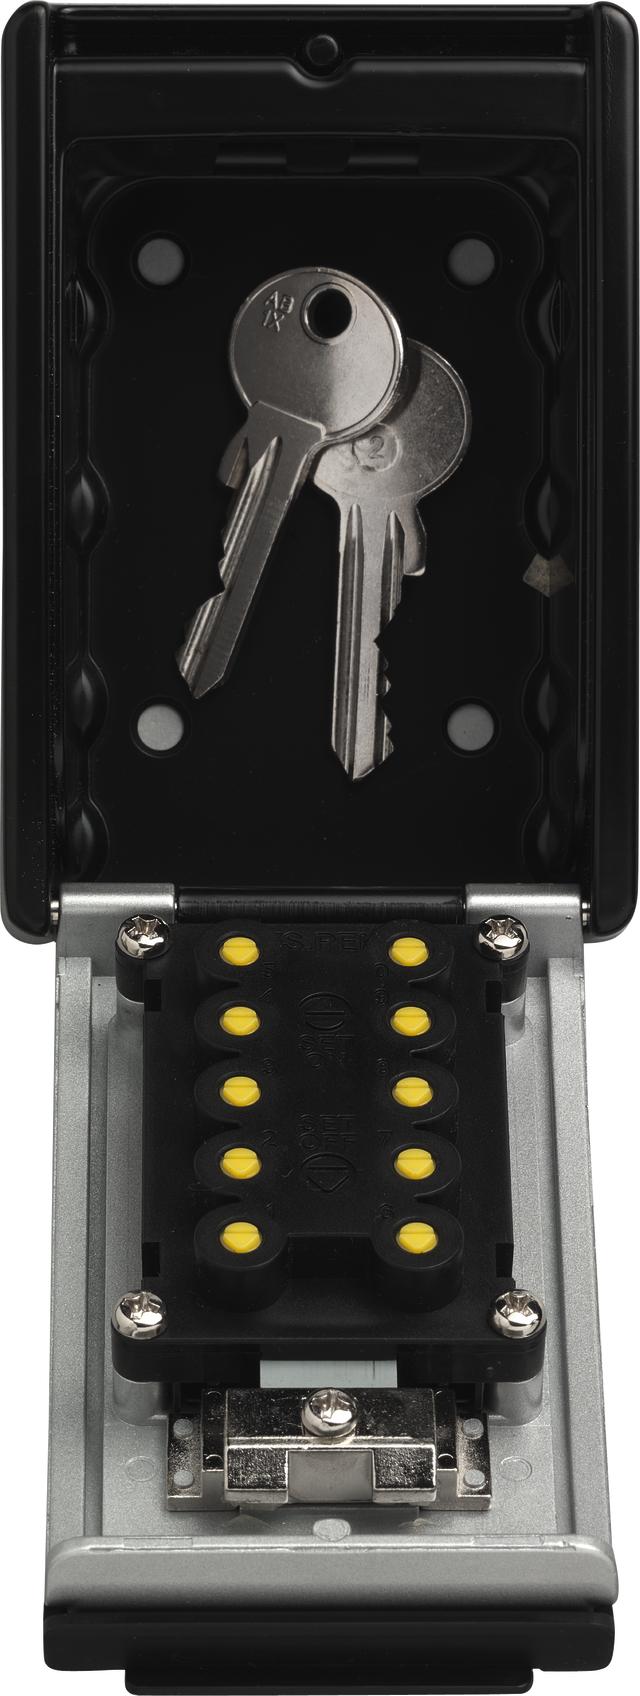 KeyGarage 767 offen mit Schlüsseln